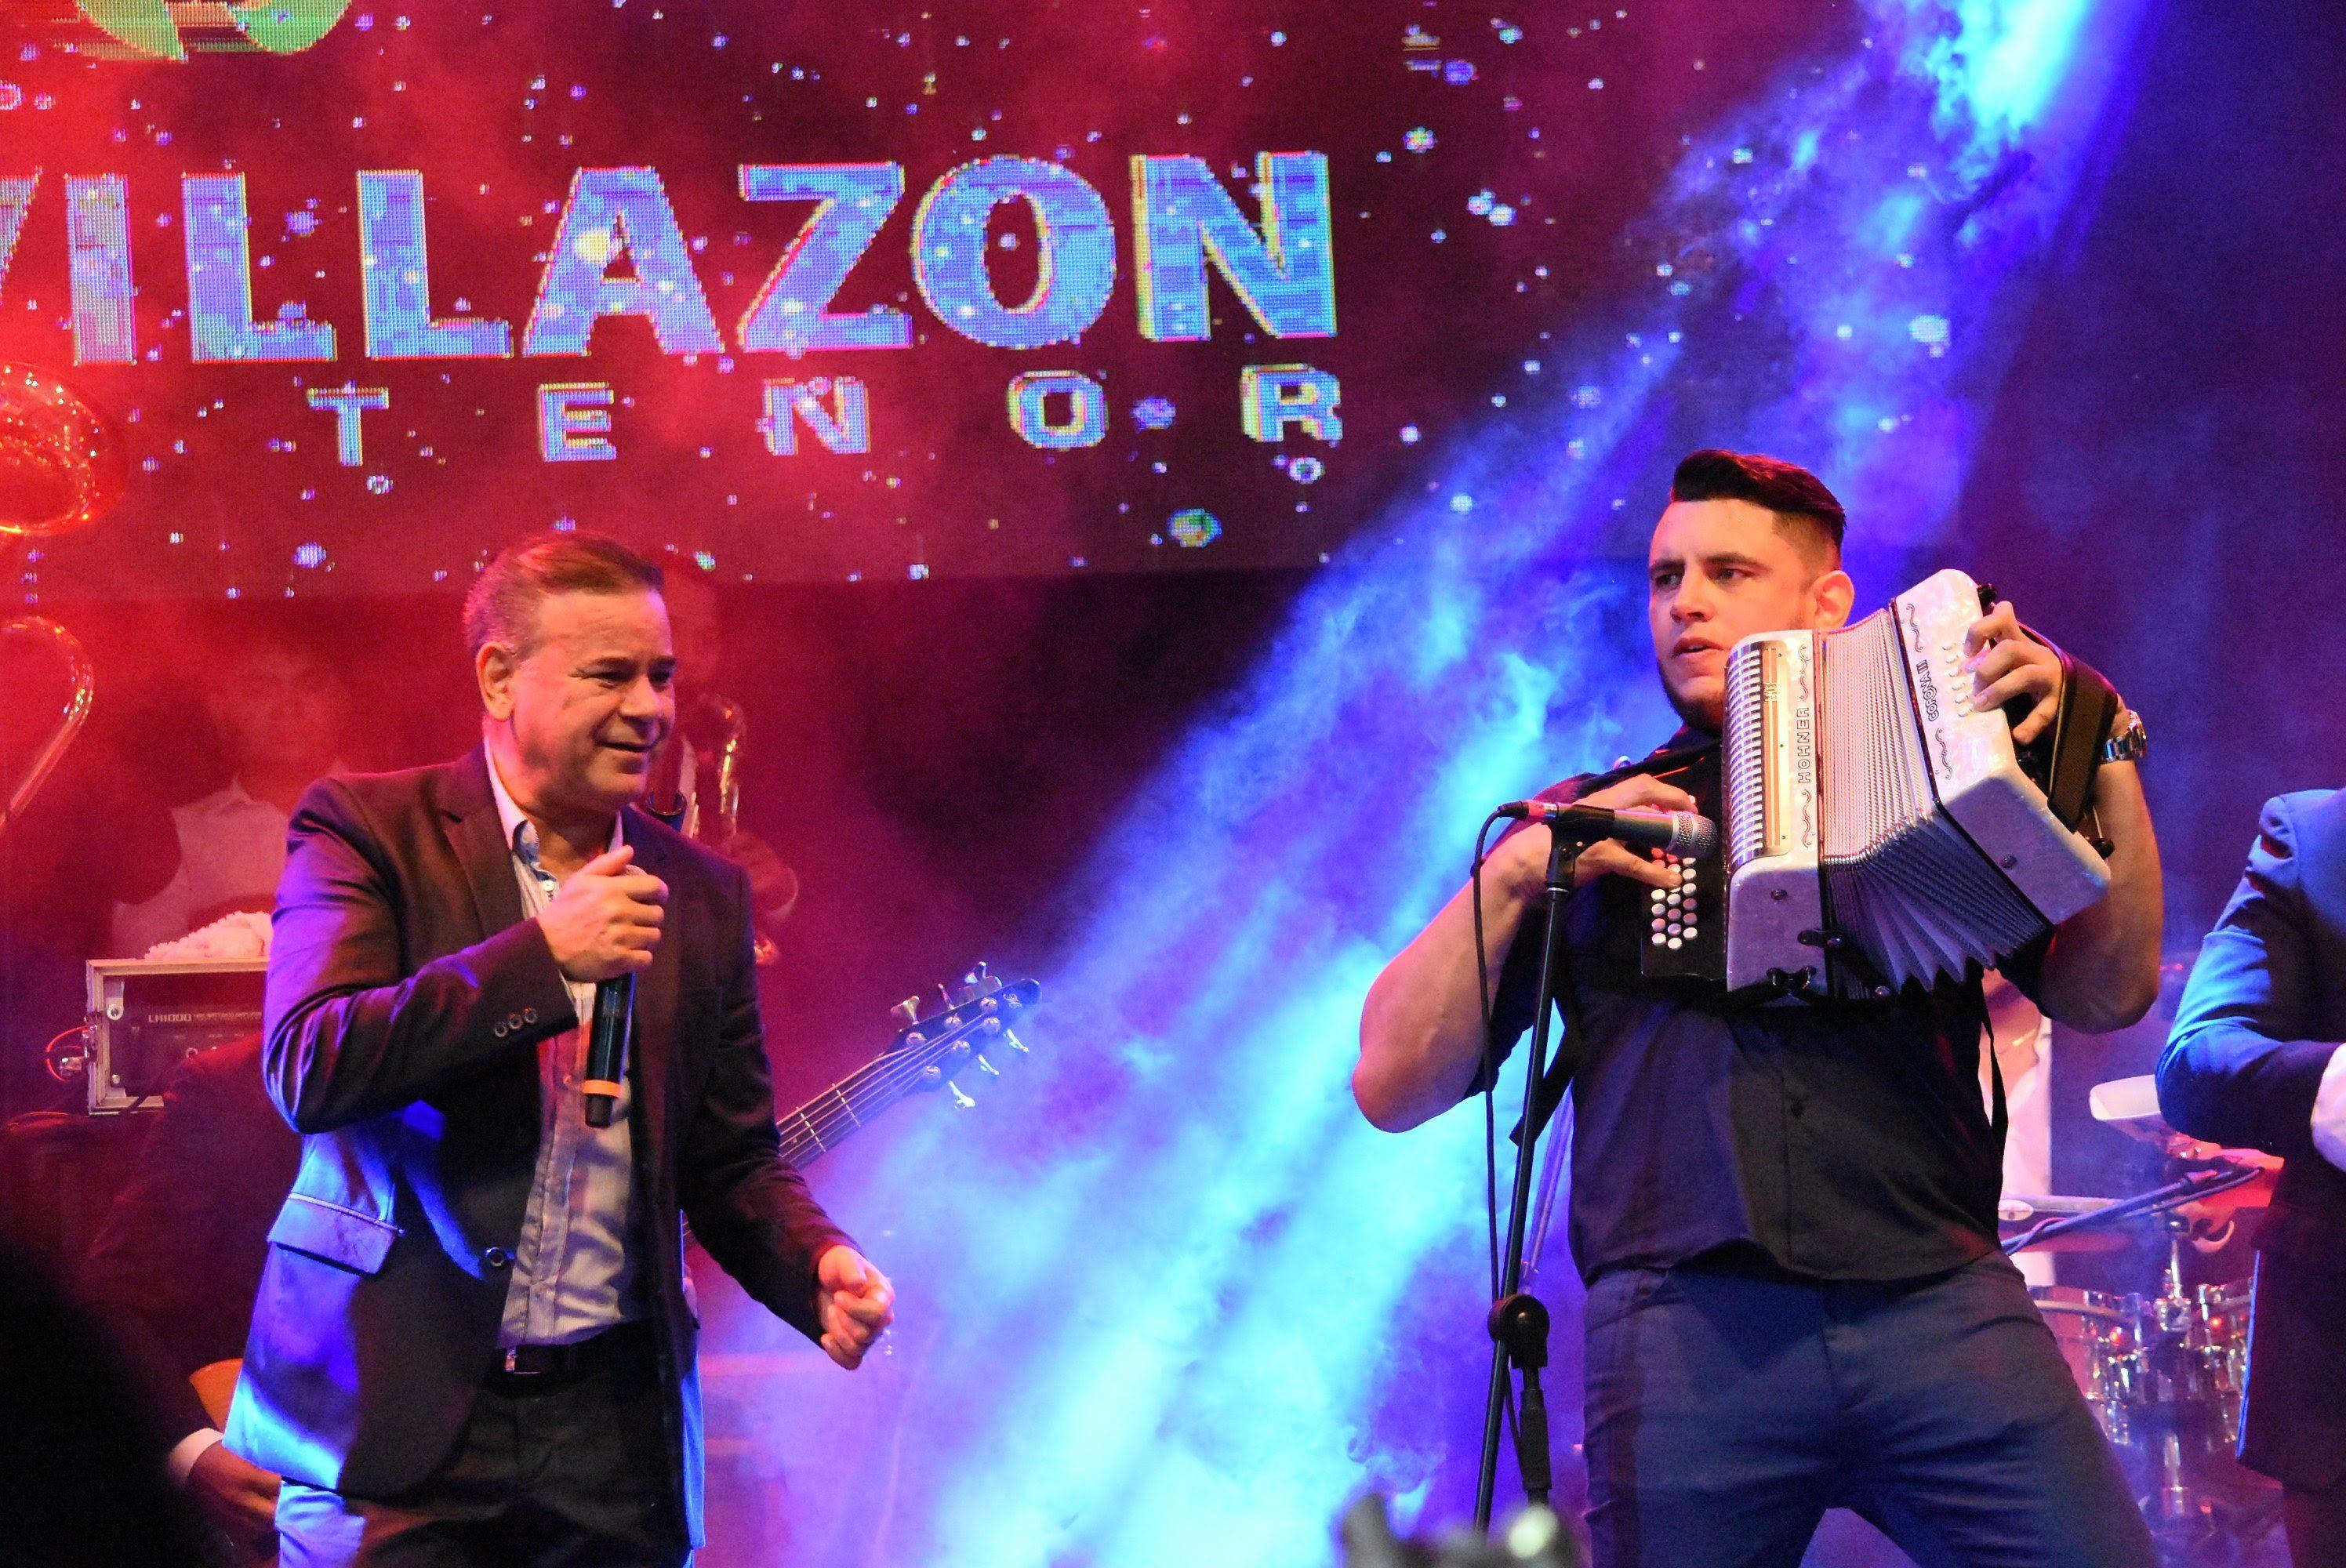 Finaliza la unión musical de Iván Villazón y Saúl Lallemand